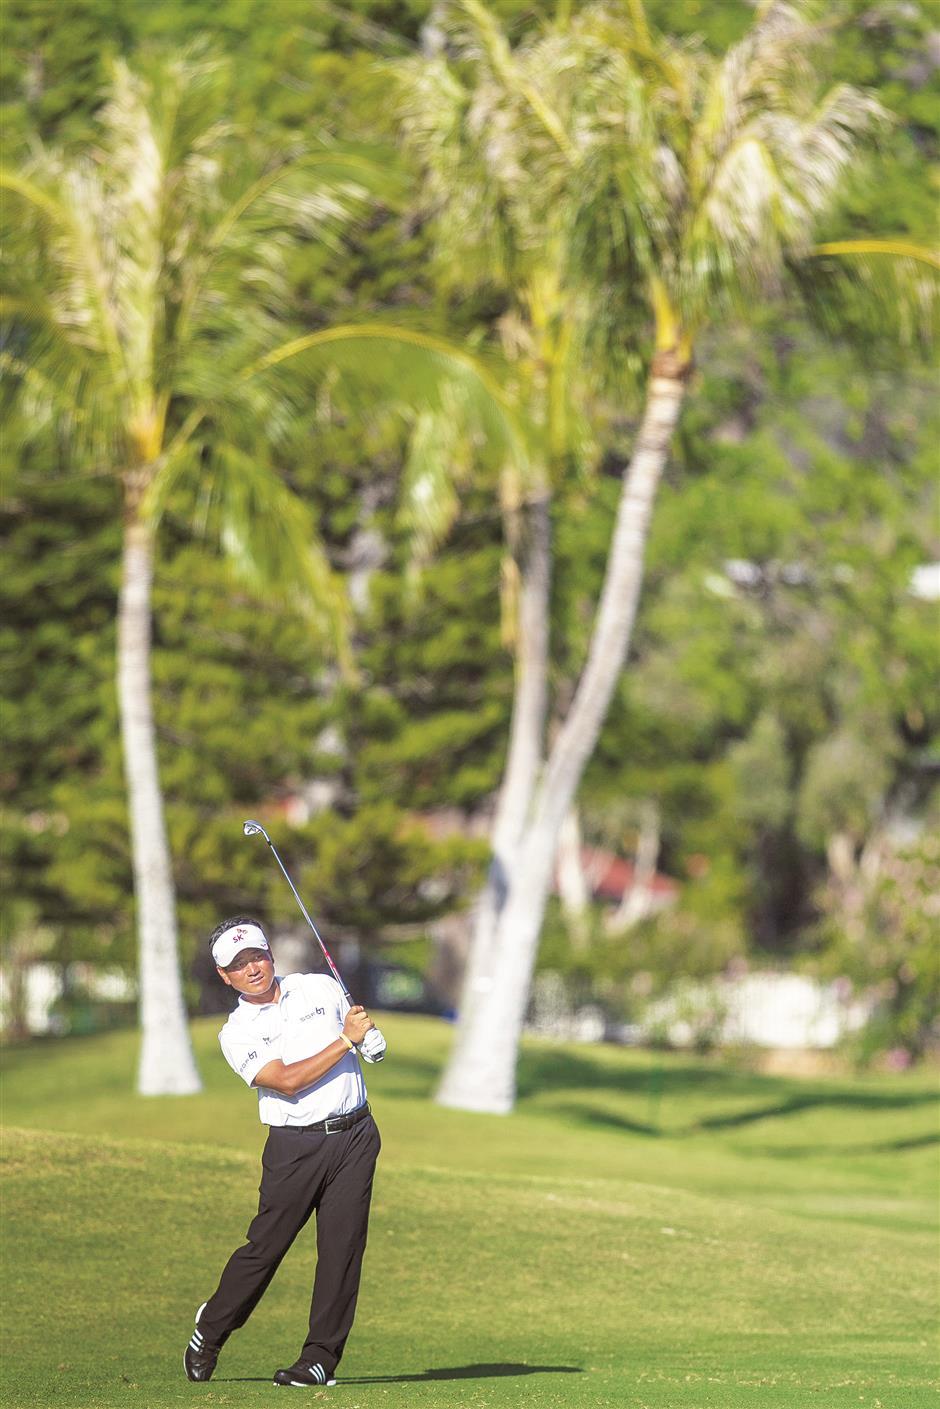 SKorean golfers seek change in fortunes